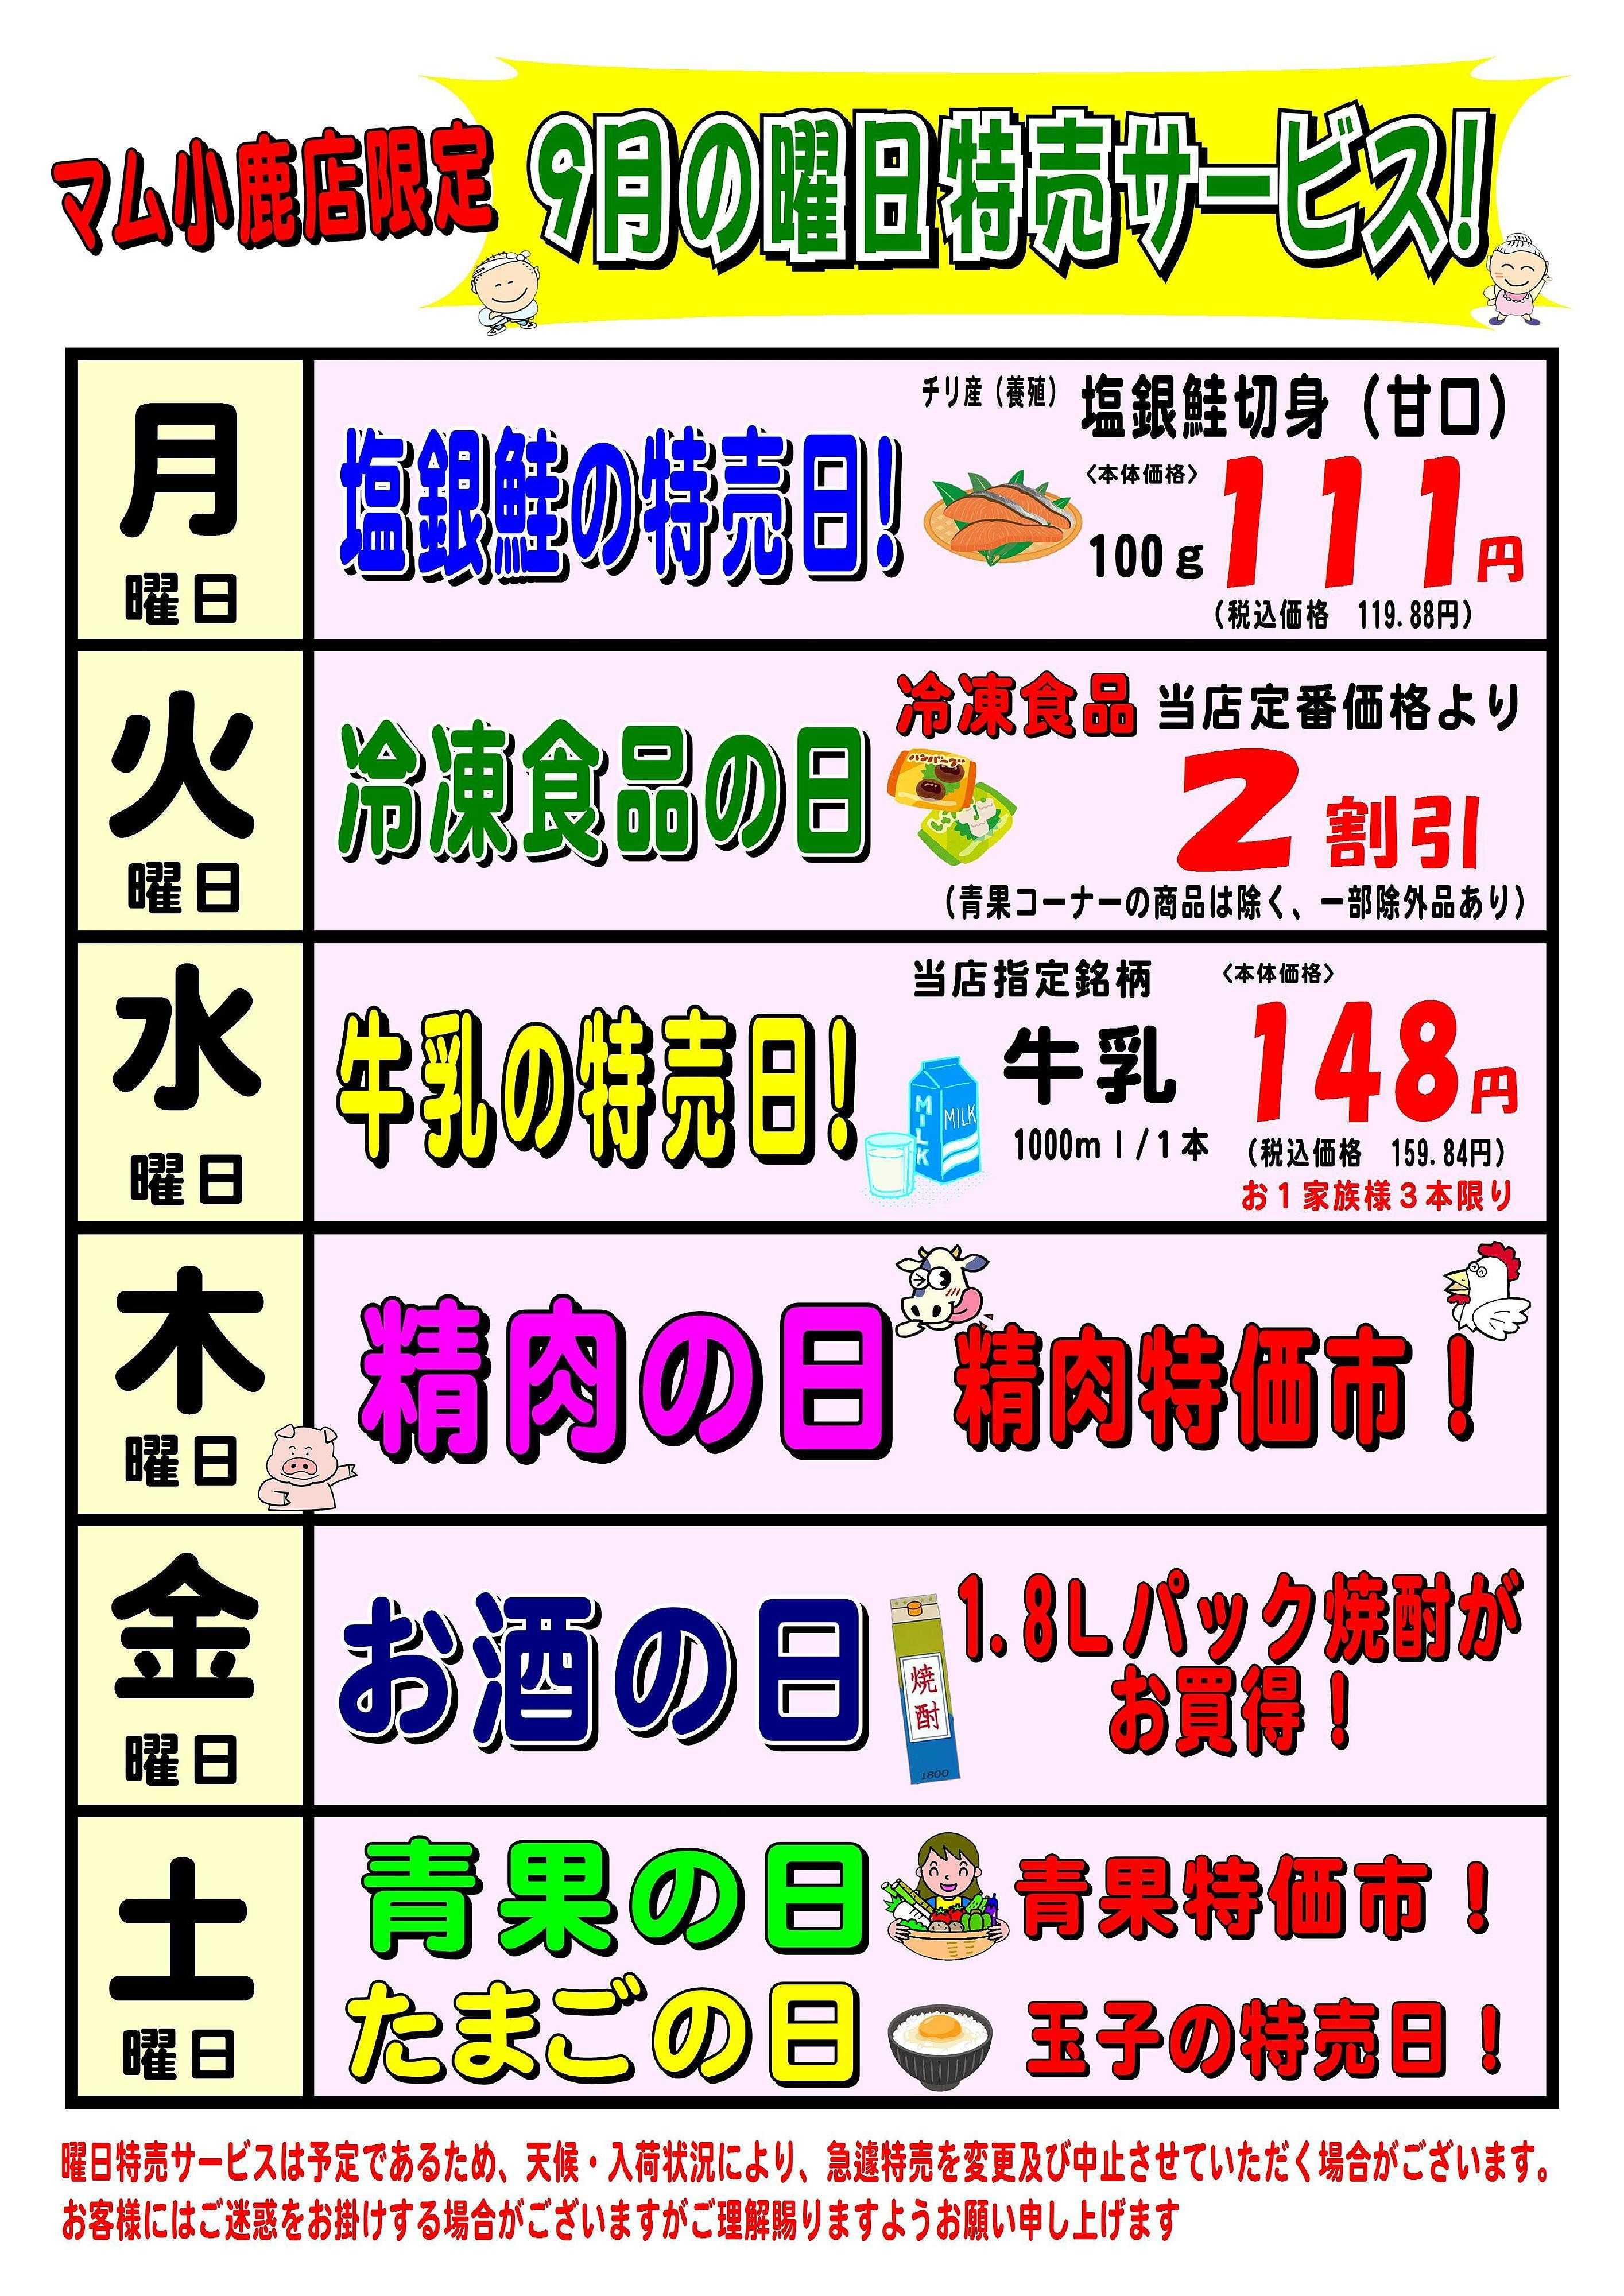 フードマーケット マム マム小鹿店イベントカレンダー